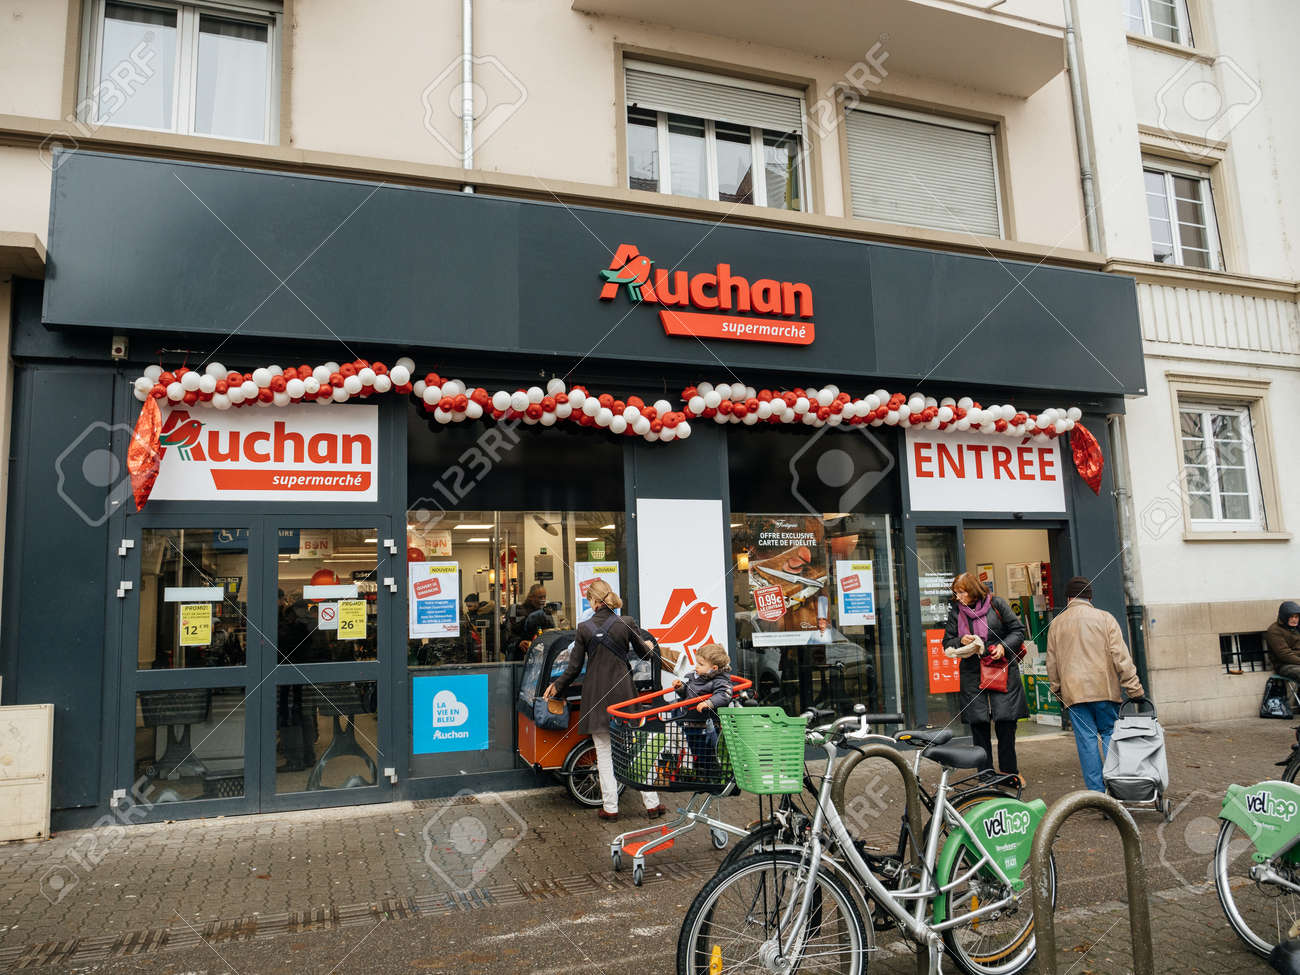 carte simply market auchan STRASBOURG, FRANCE   DEC 4, 2017: Auchan Supermarket Entrance